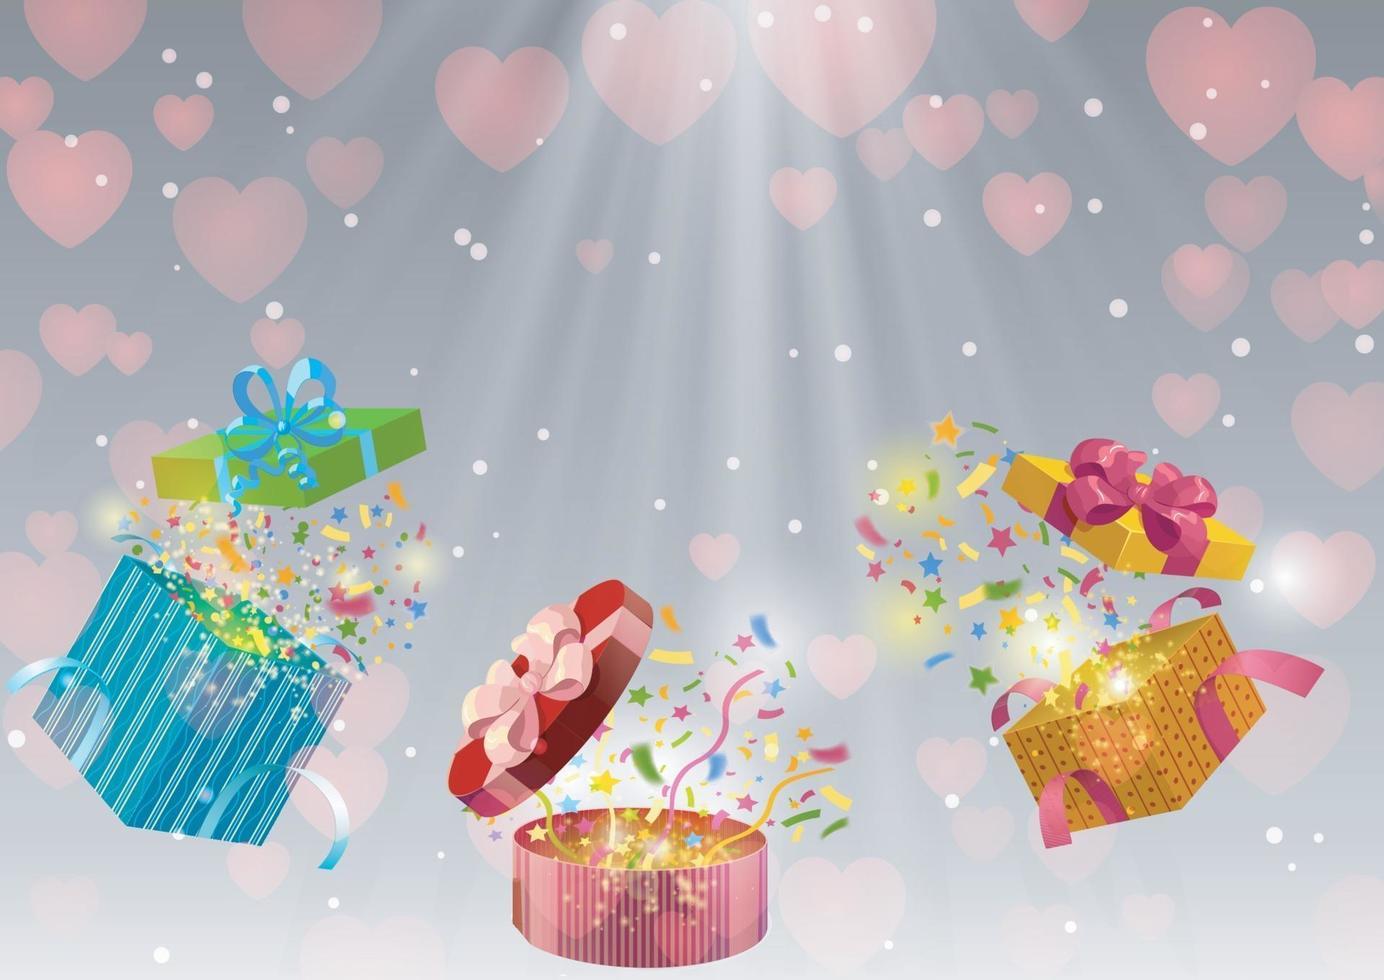 sfondo di San Valentino con confezione regalo sotto i riflettori vettore